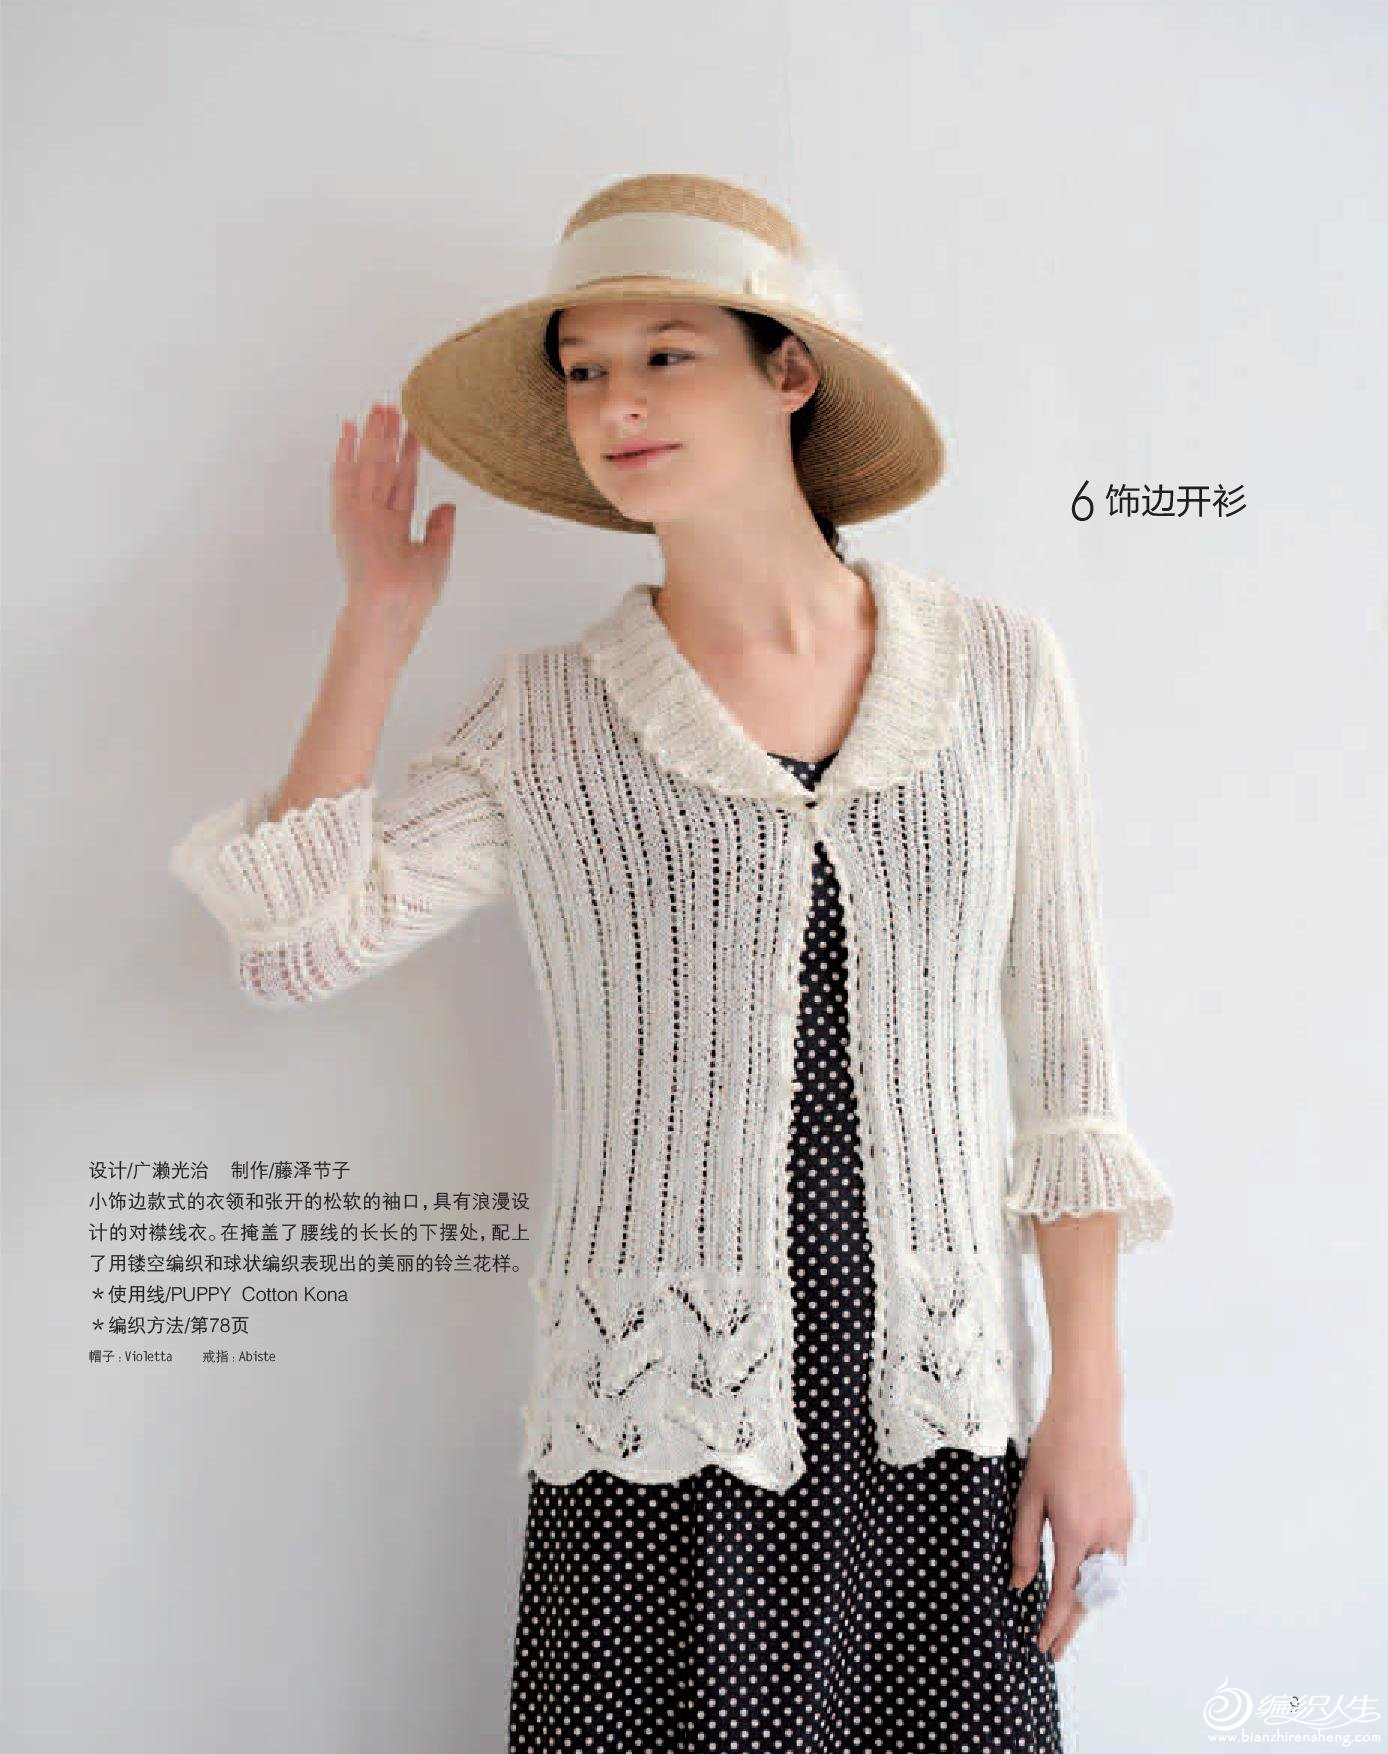 世界编织1 蕾丝编织的美丽世界-9.jpg